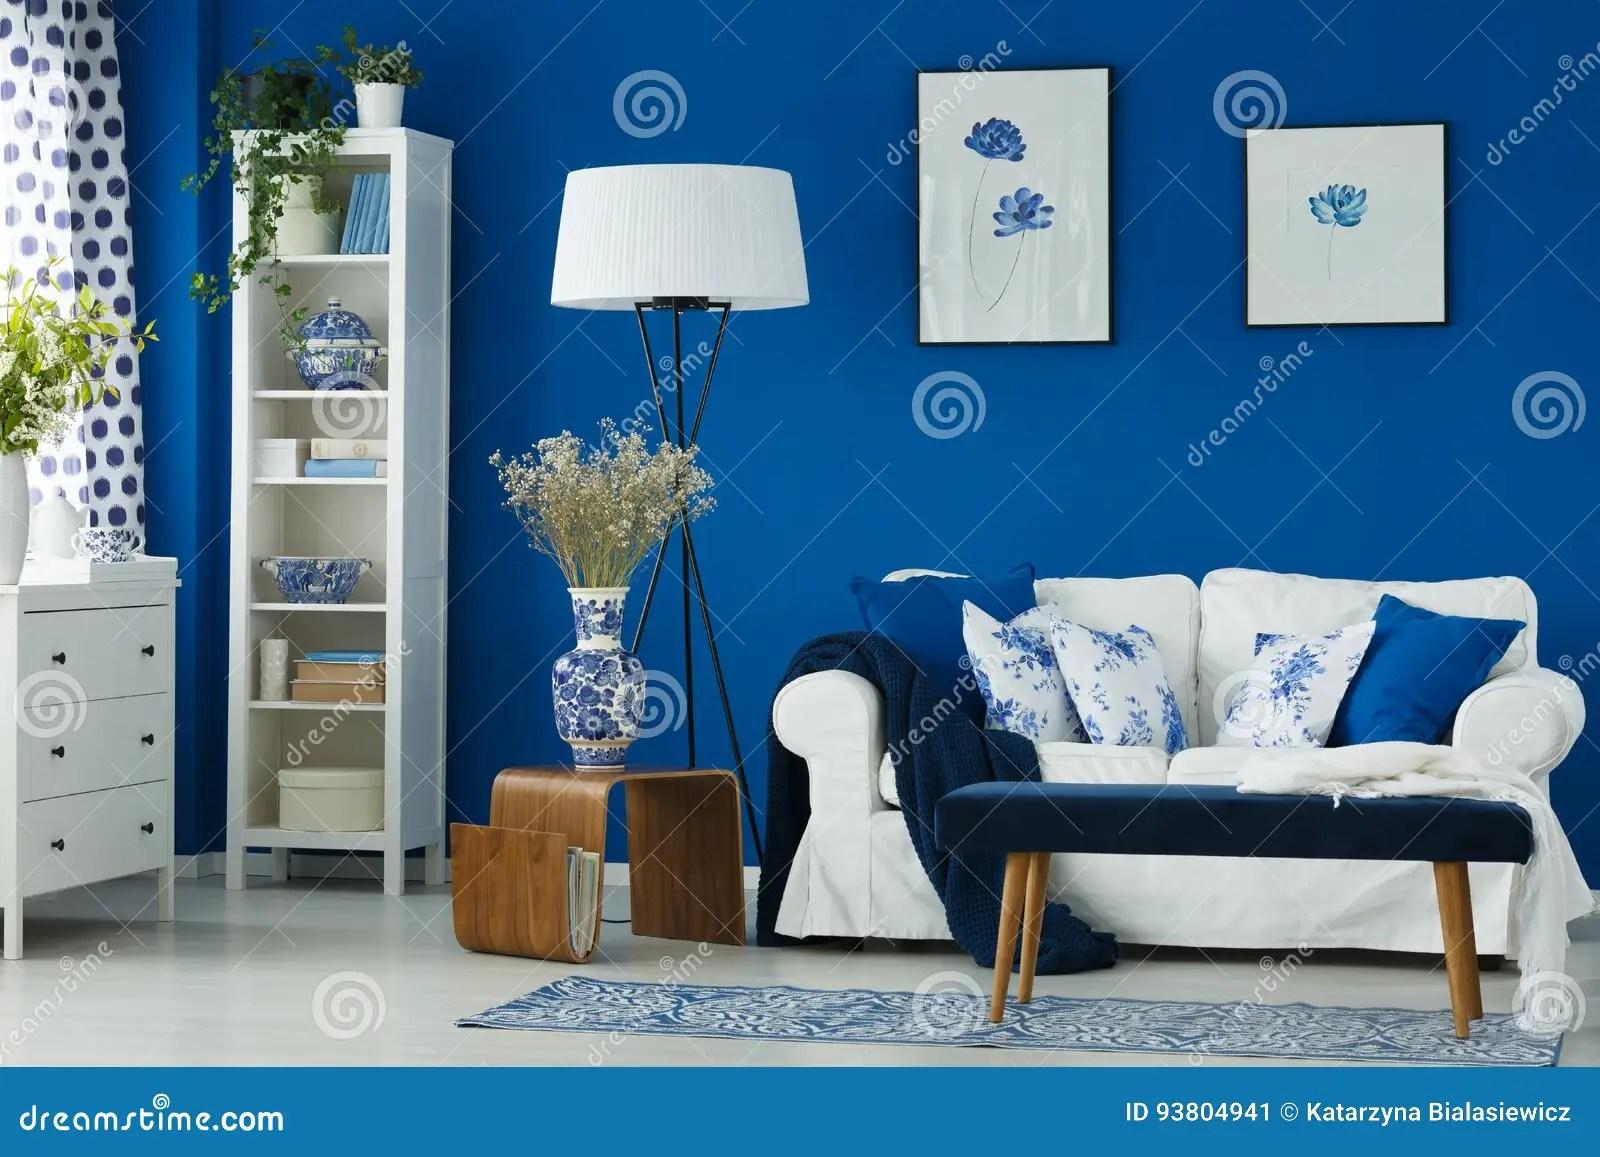 Woonkamer met blauwe muren stock afbeelding Afbeelding